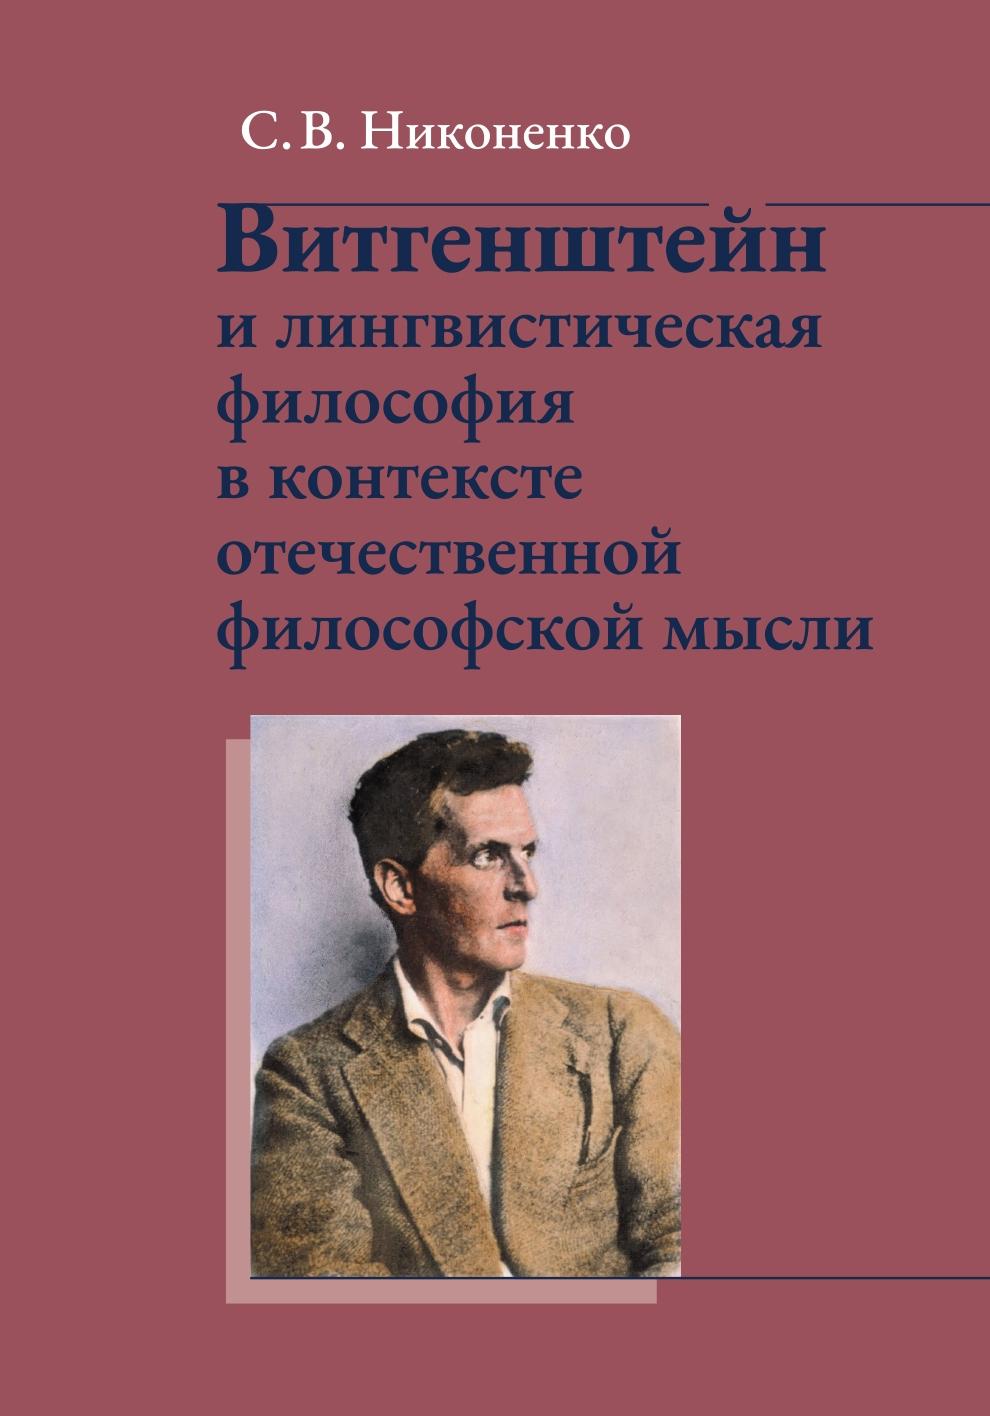 Никоненко С. В. Витгенштейн и лингвистическая философия в контексте отечественной философской мысли. Издательство РХГА